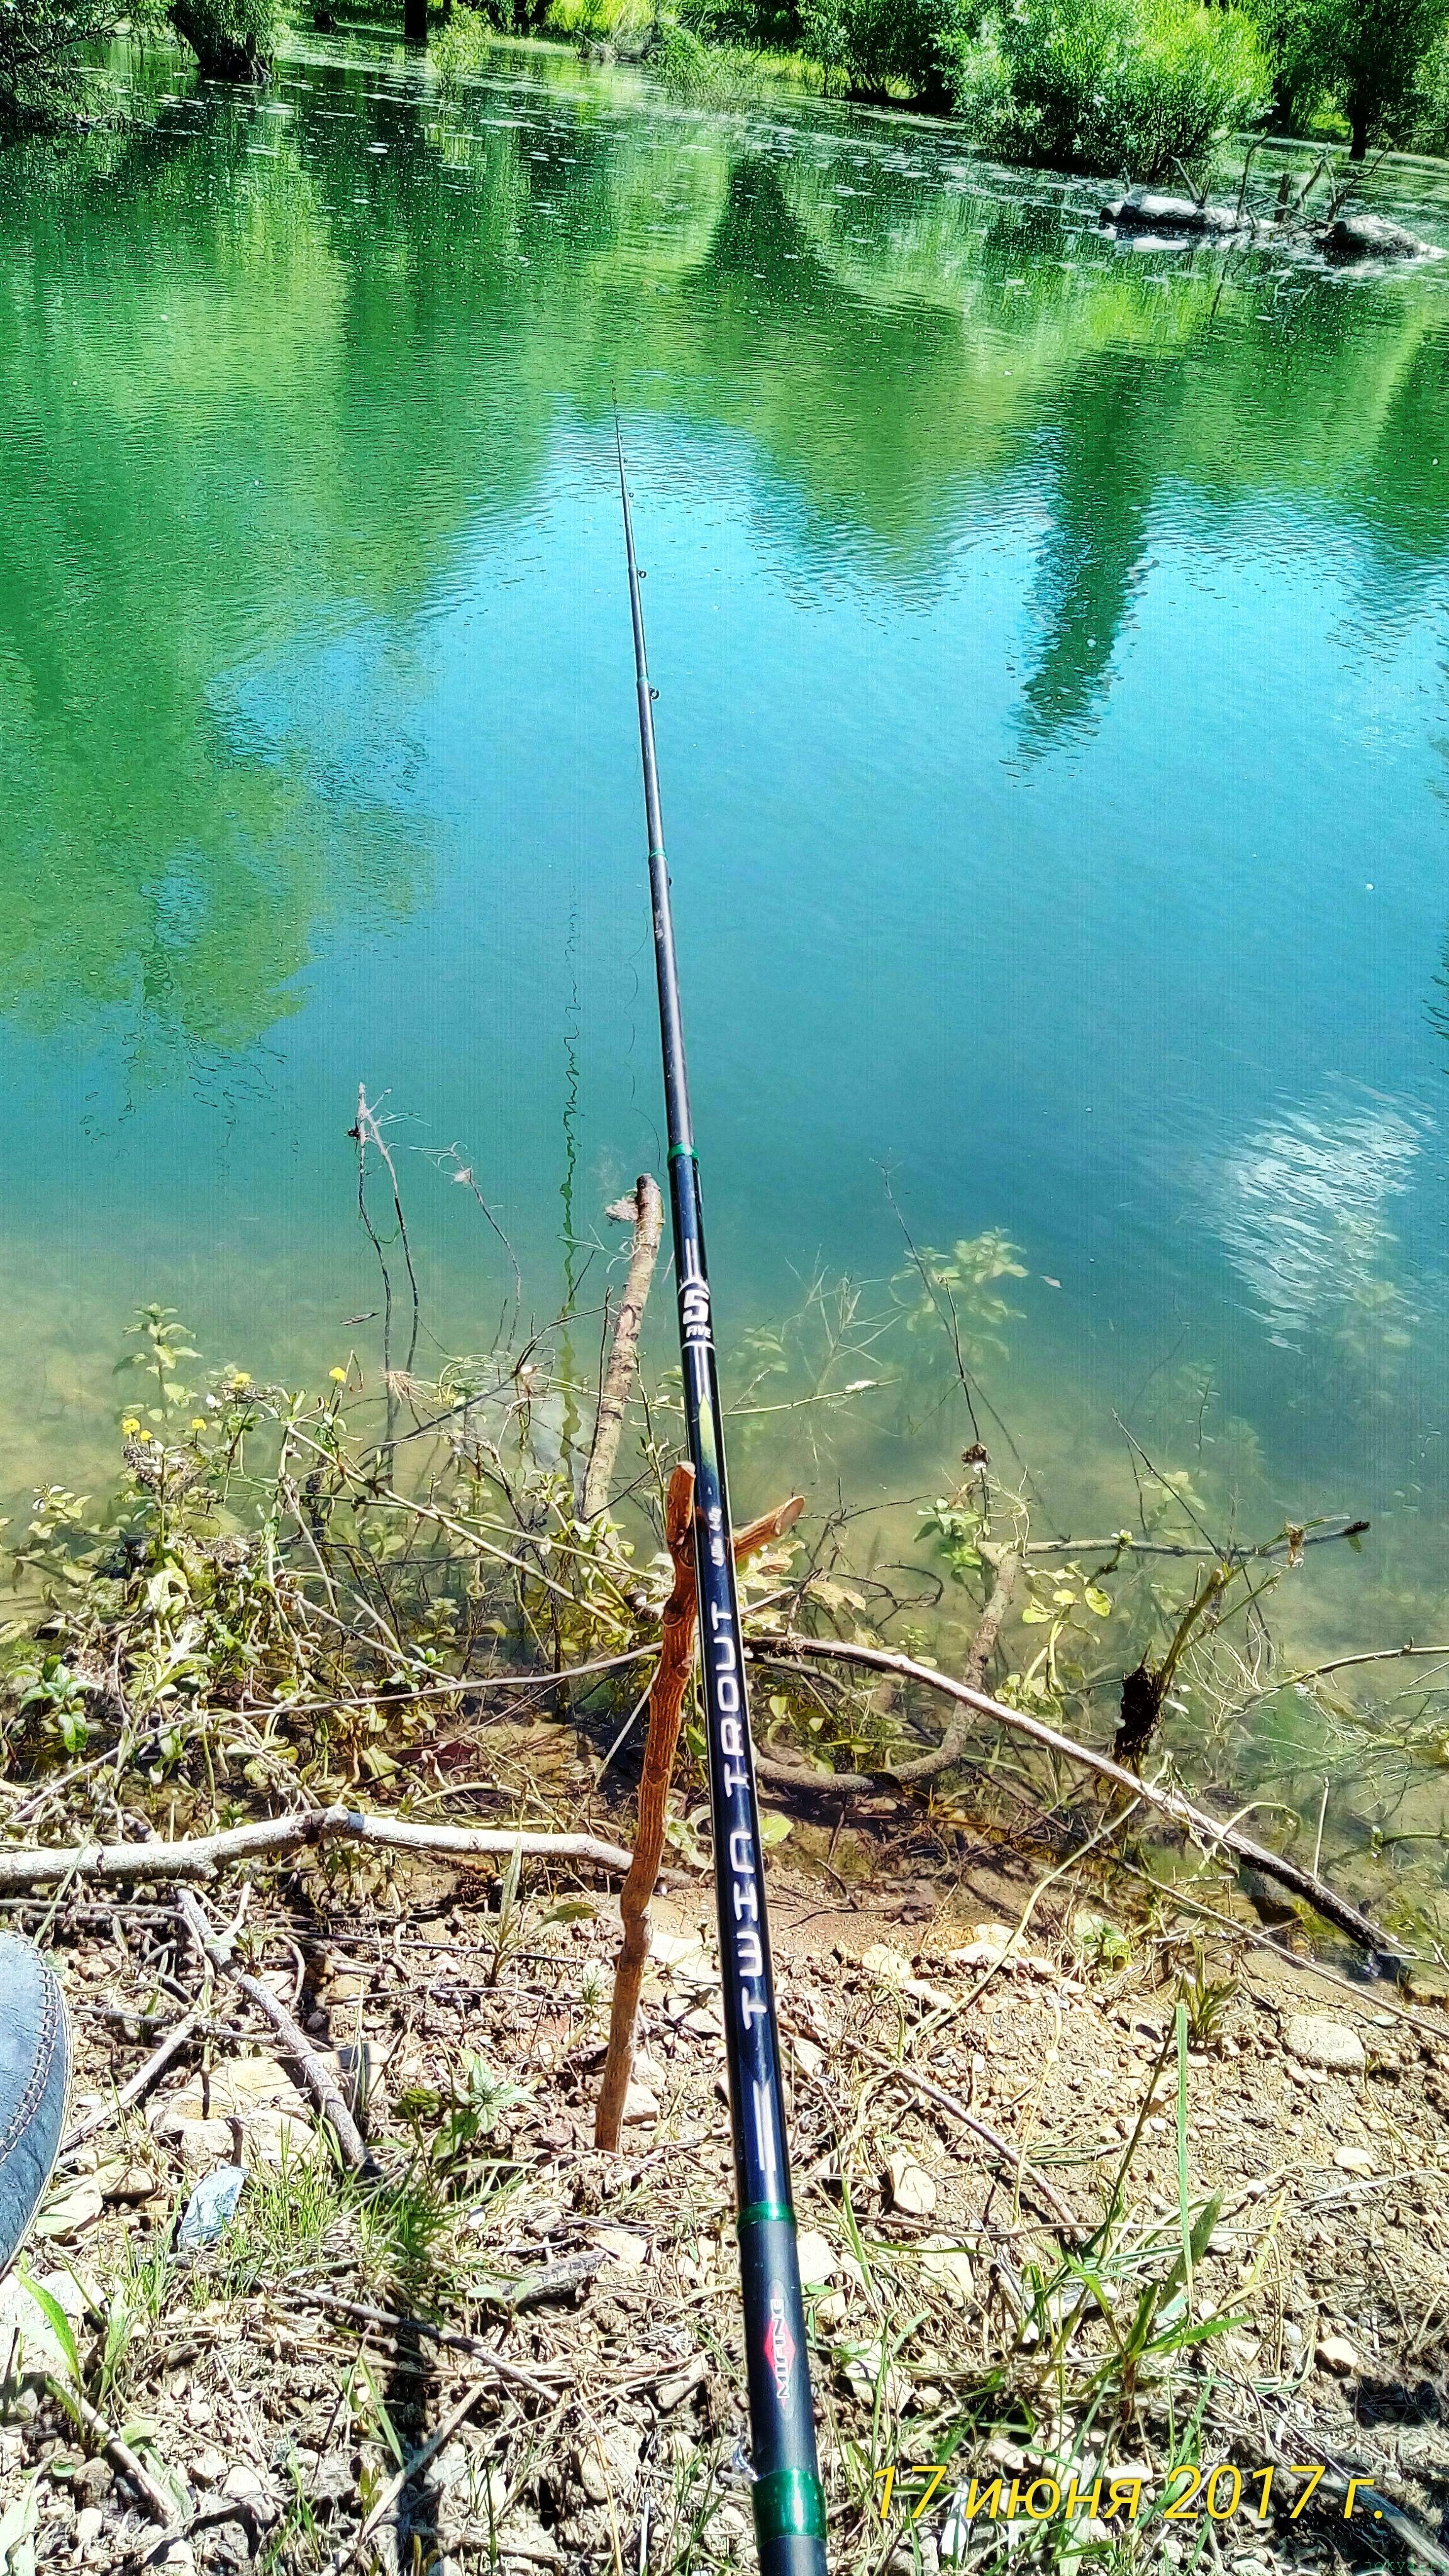 Одиночный поход пешком по Крыму на рыбалку фото заметка о моей реальности в Крыму jokya.ru